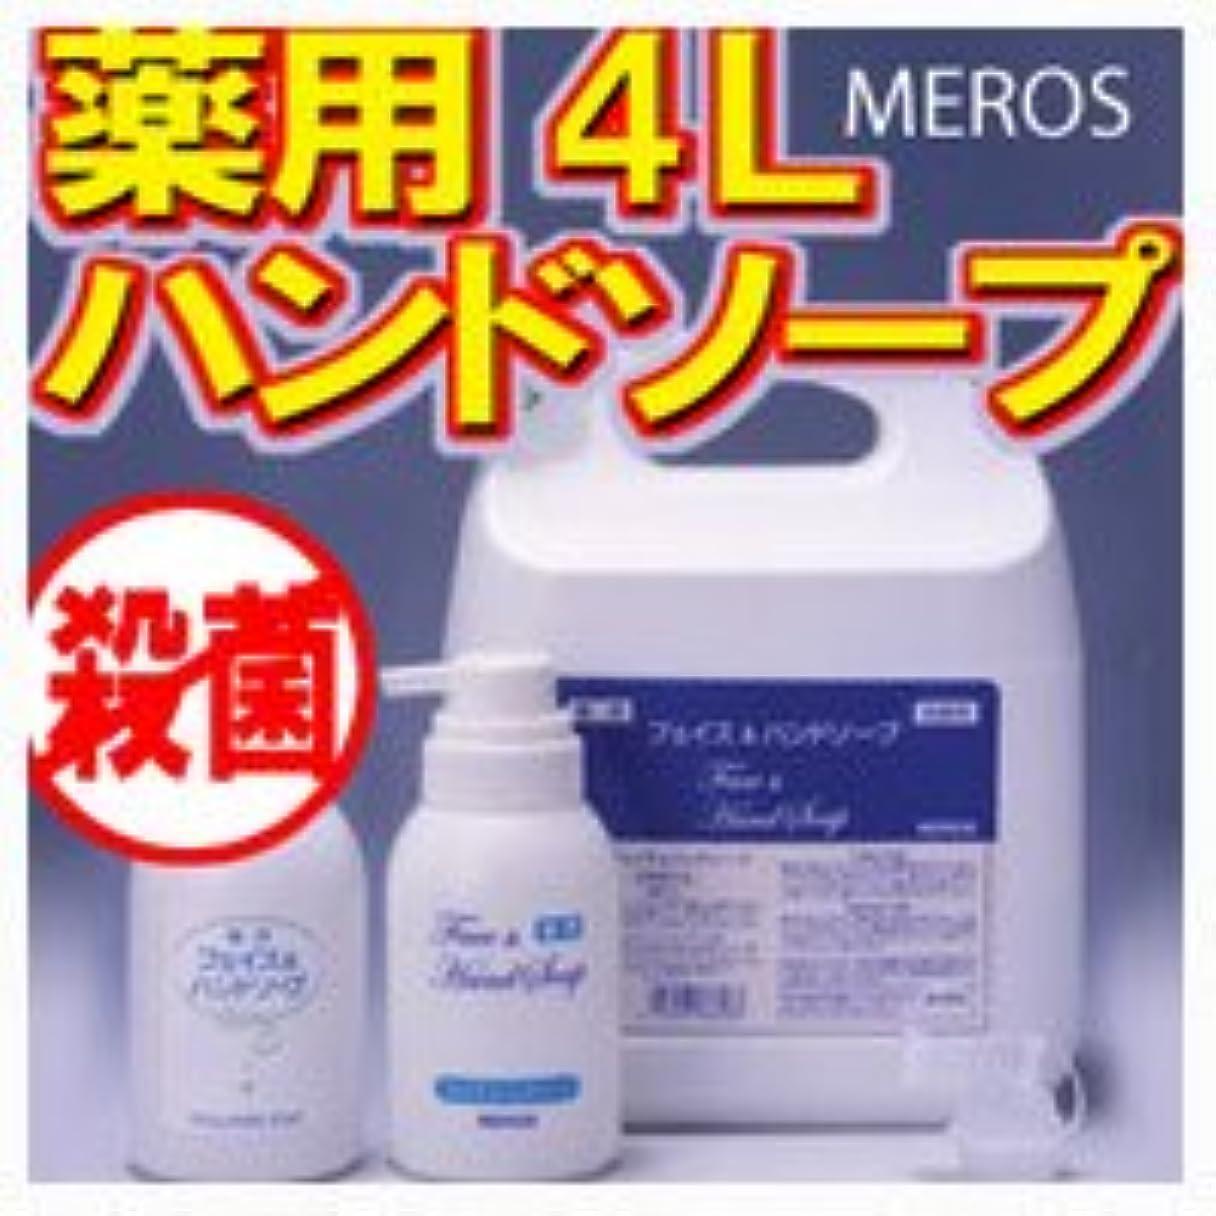 ラップトップ委員長スケートメロス 薬用ハンドソープ 4L 【泡ポンプボトル付き】